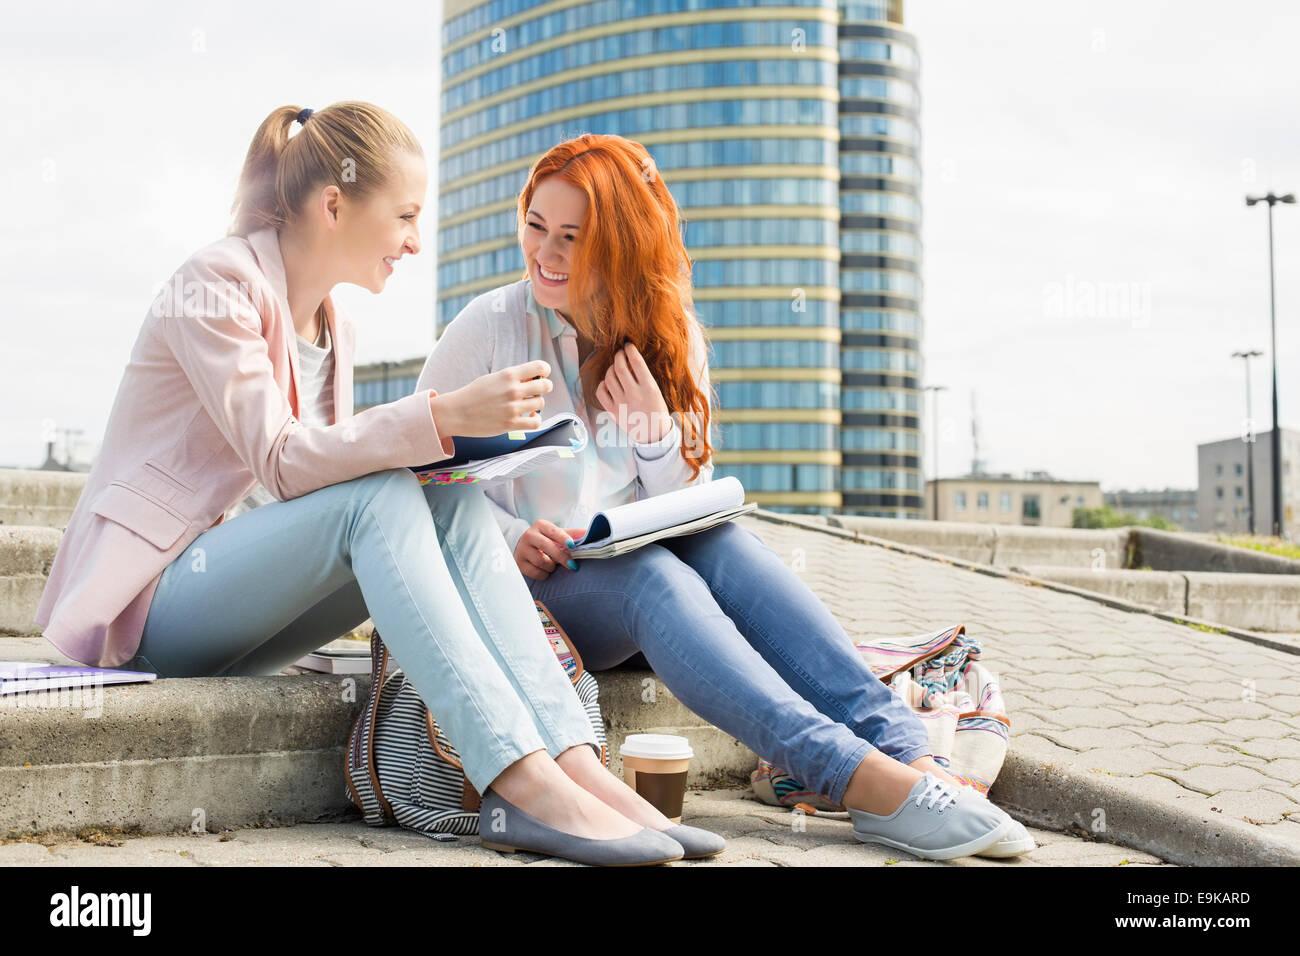 Toute la longueur de female college les étudiants qui participent à des mesures contre la construction Photo Stock